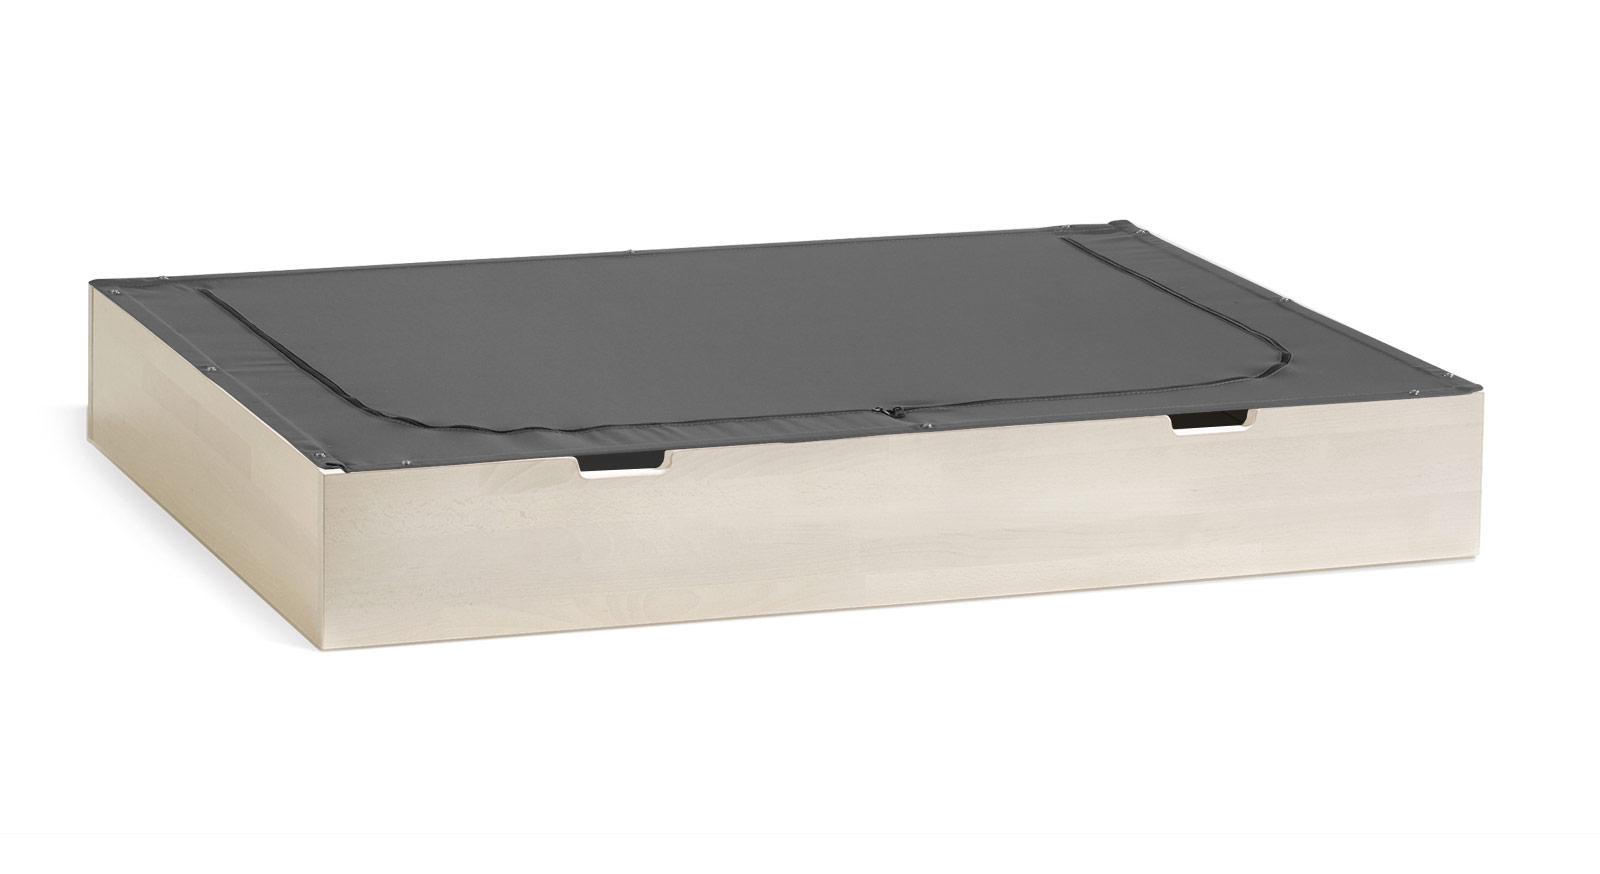 Bett-Schubkasten Palma in weiß mit Stoff-Deckel